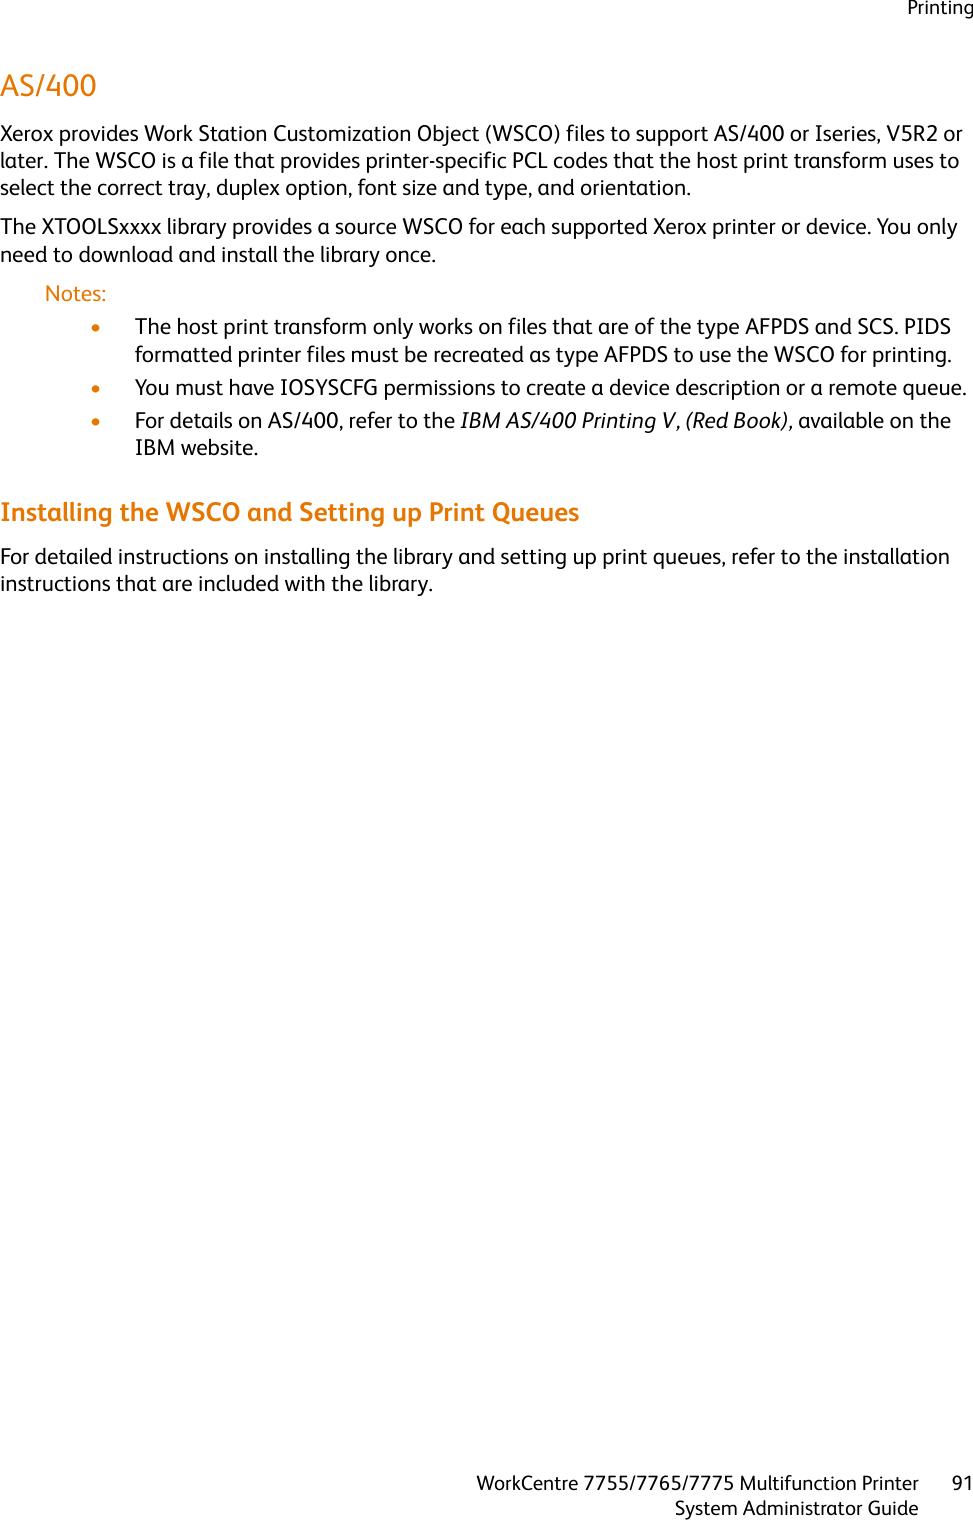 Xerox Workcentre 7765 Users Manual 7755/7765/7775